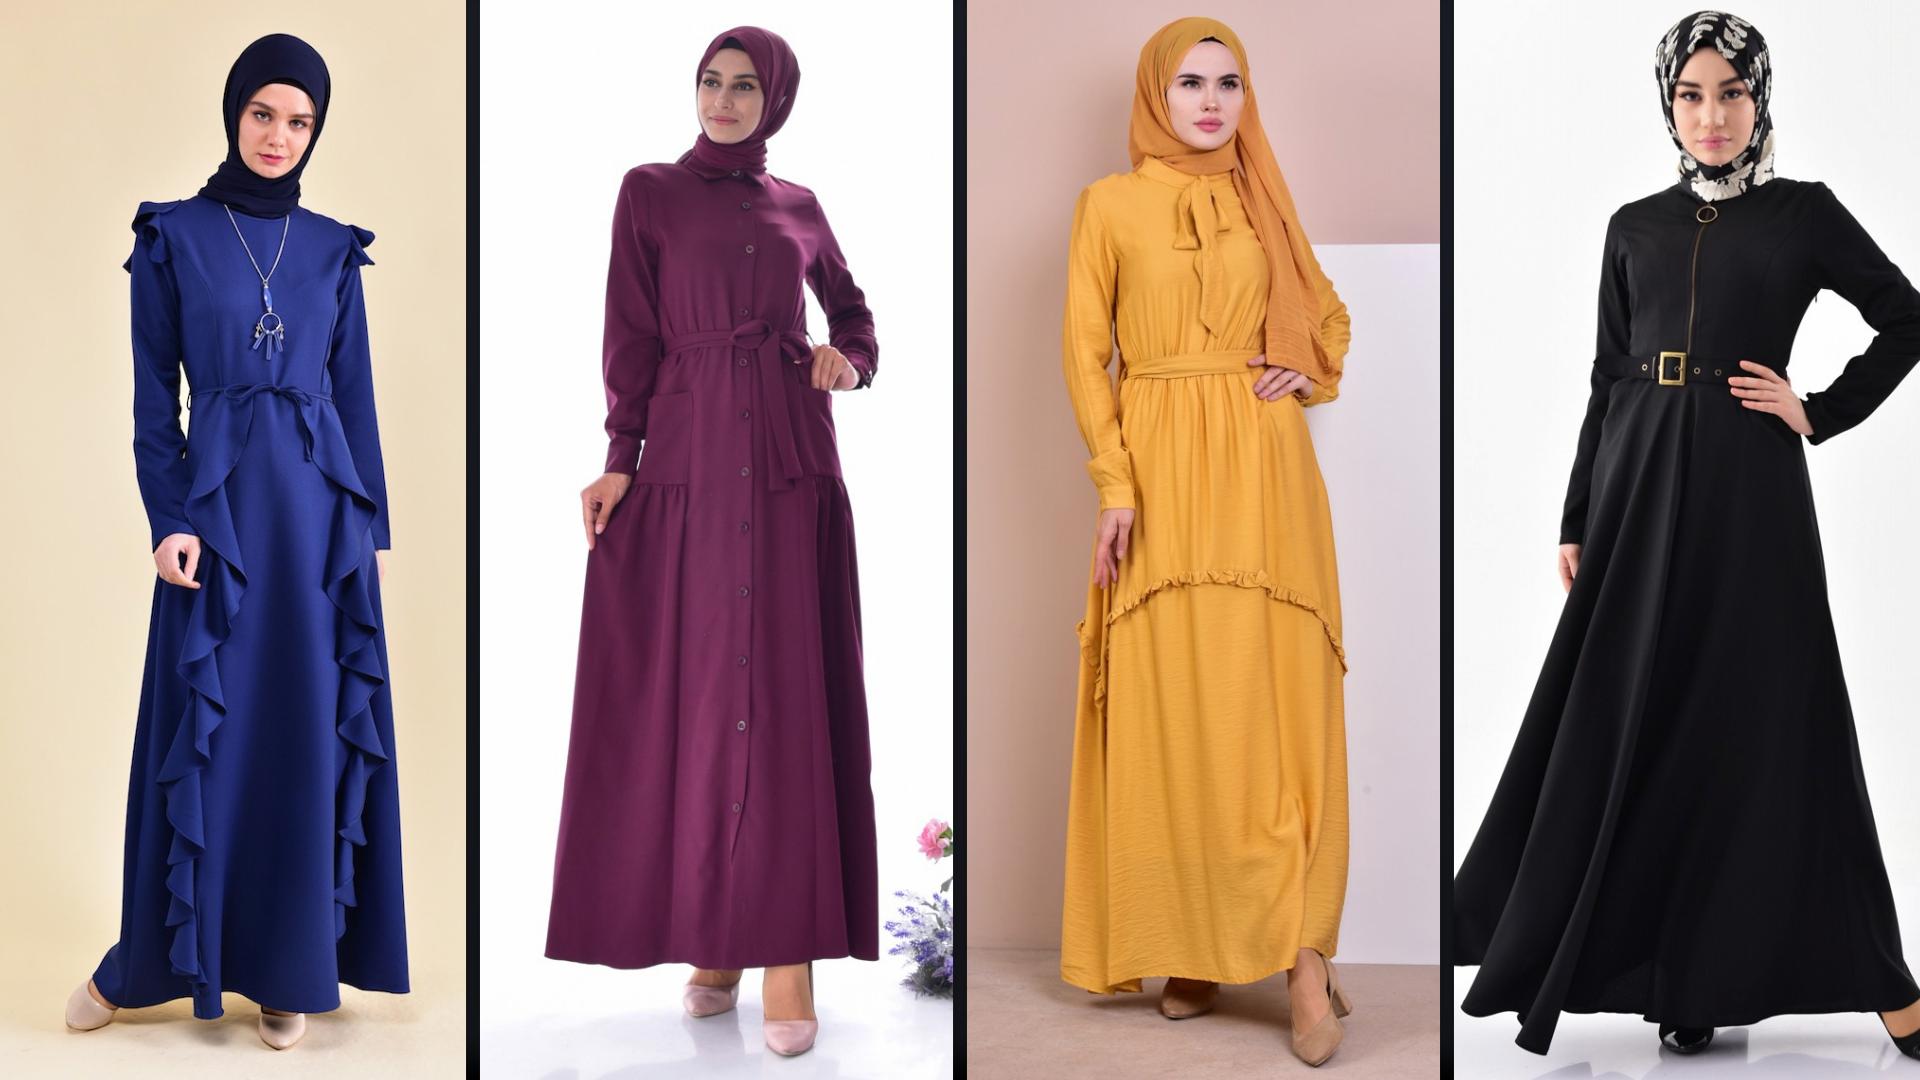 Burun Tesettur Elbise Modelleri 2 4 Sefamerve 2019 Elbise Modelleri Elbise Giyim